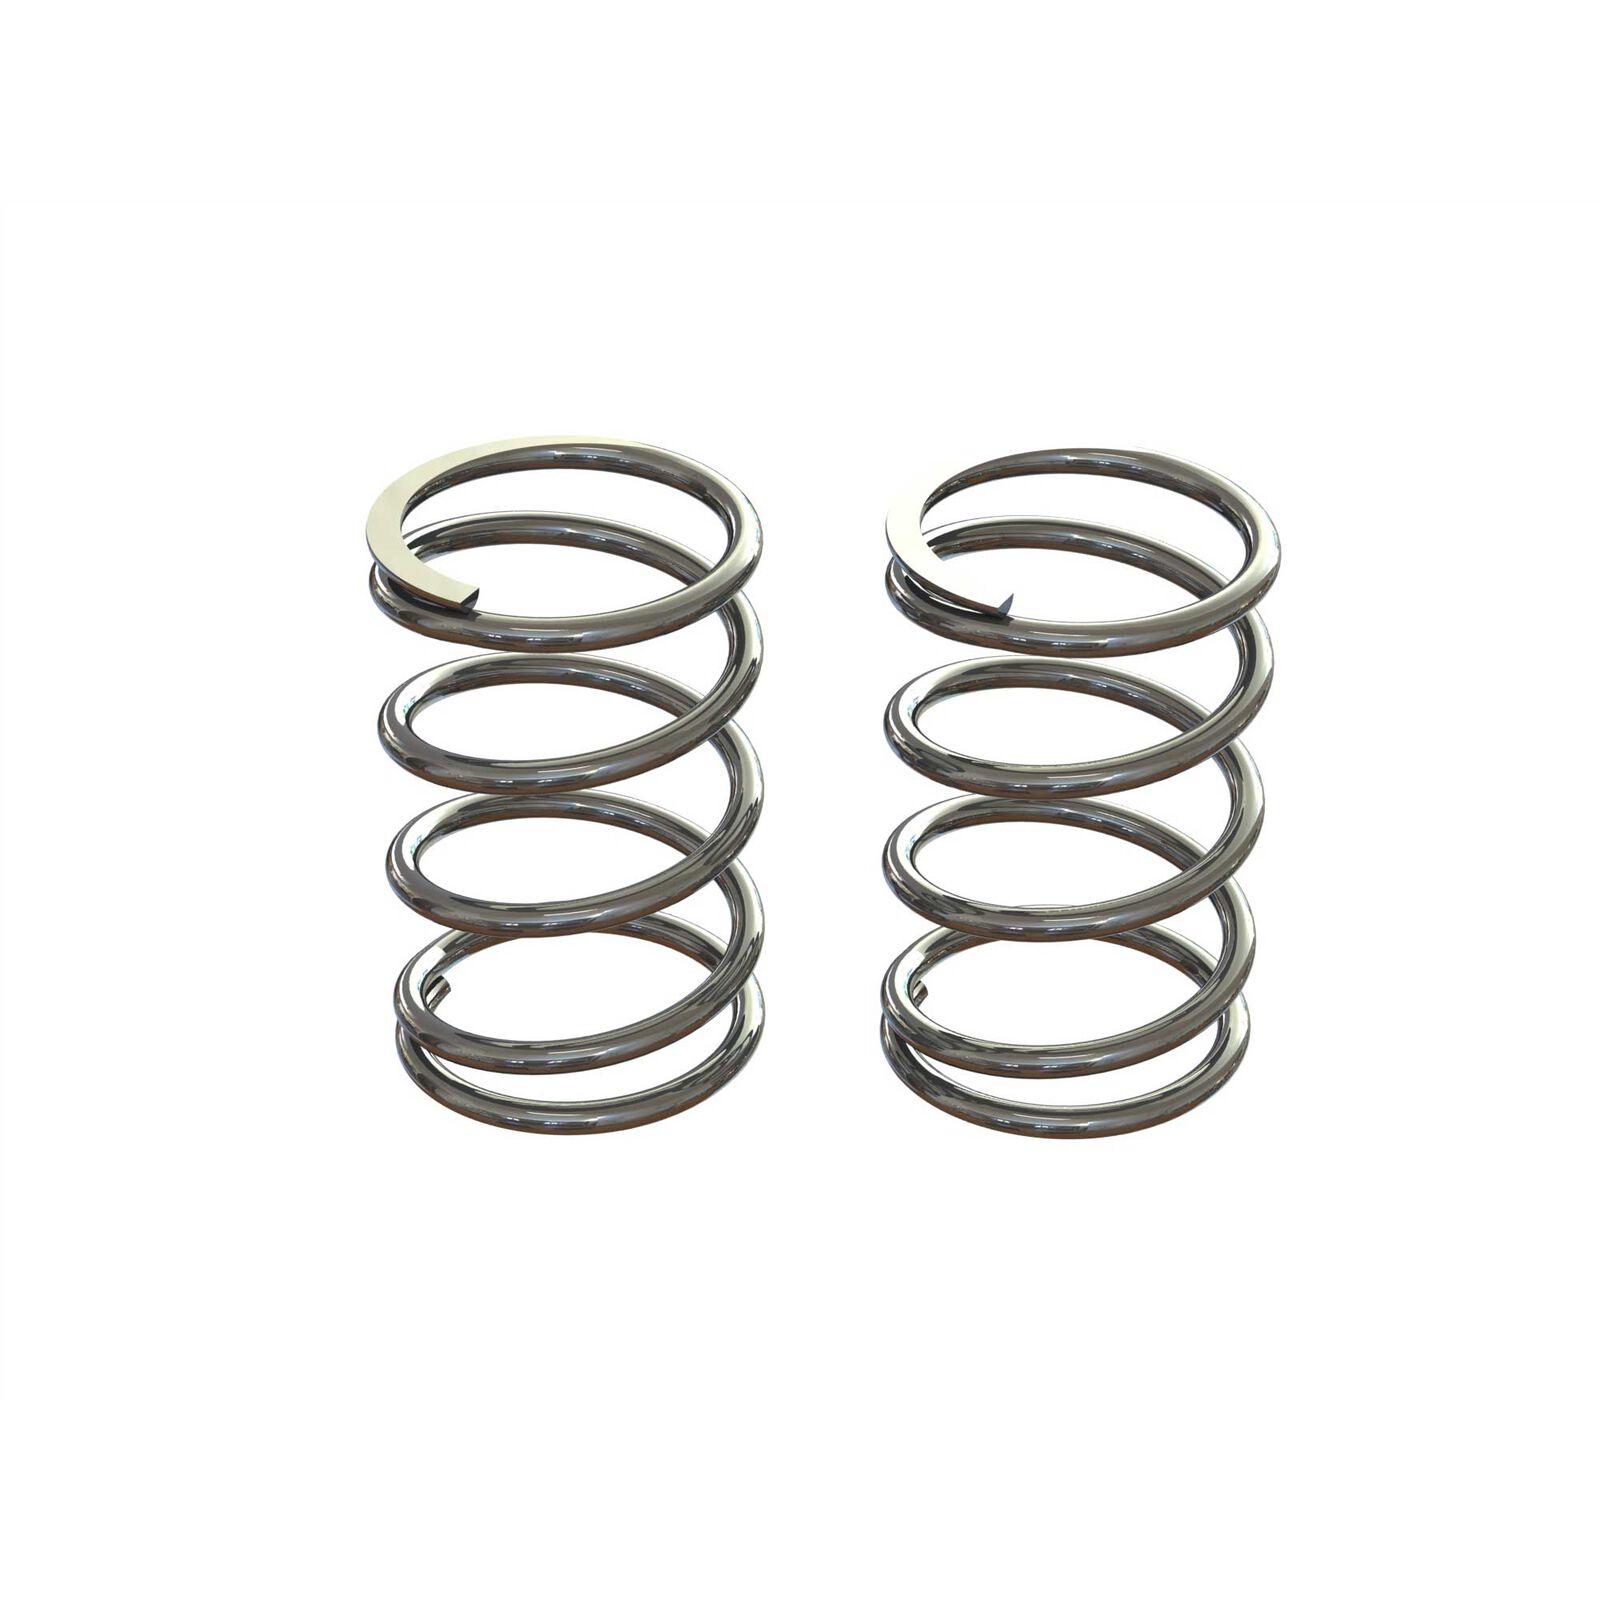 Shock Springs, 35mm 5.6N/sq.m (32 f-lb/in) (2)